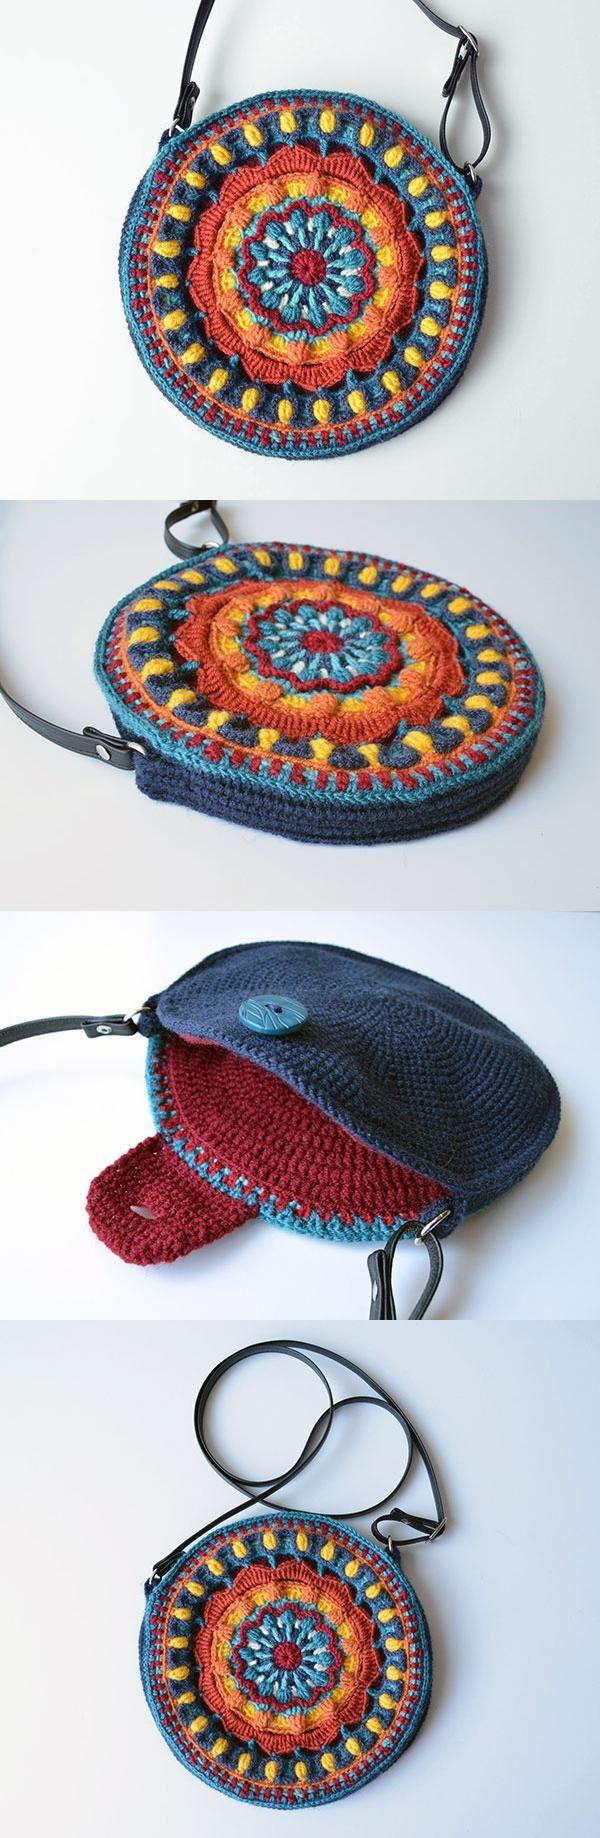 Kaleidoscope Mandala Bag crochet pattern by Lilla Bjorn Crochet ...